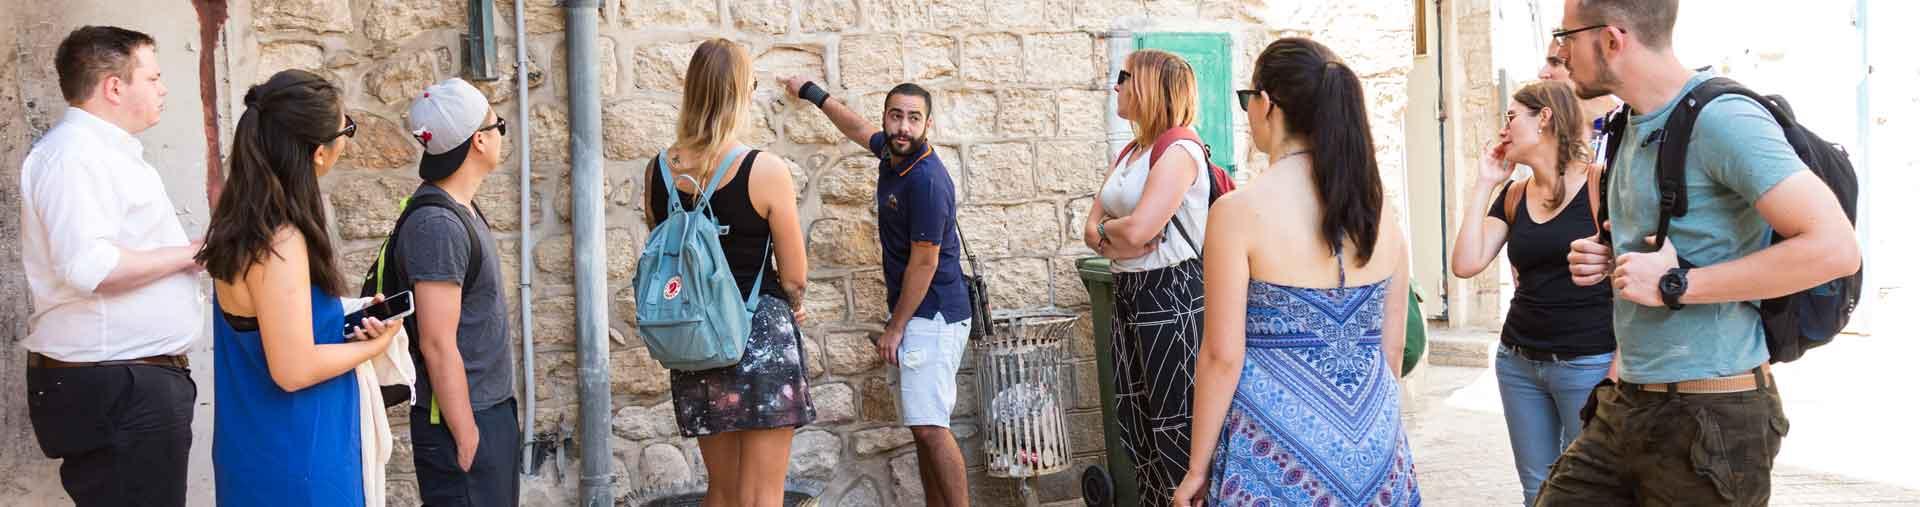 סיור רגלי בעיר העתיקה של נצרת